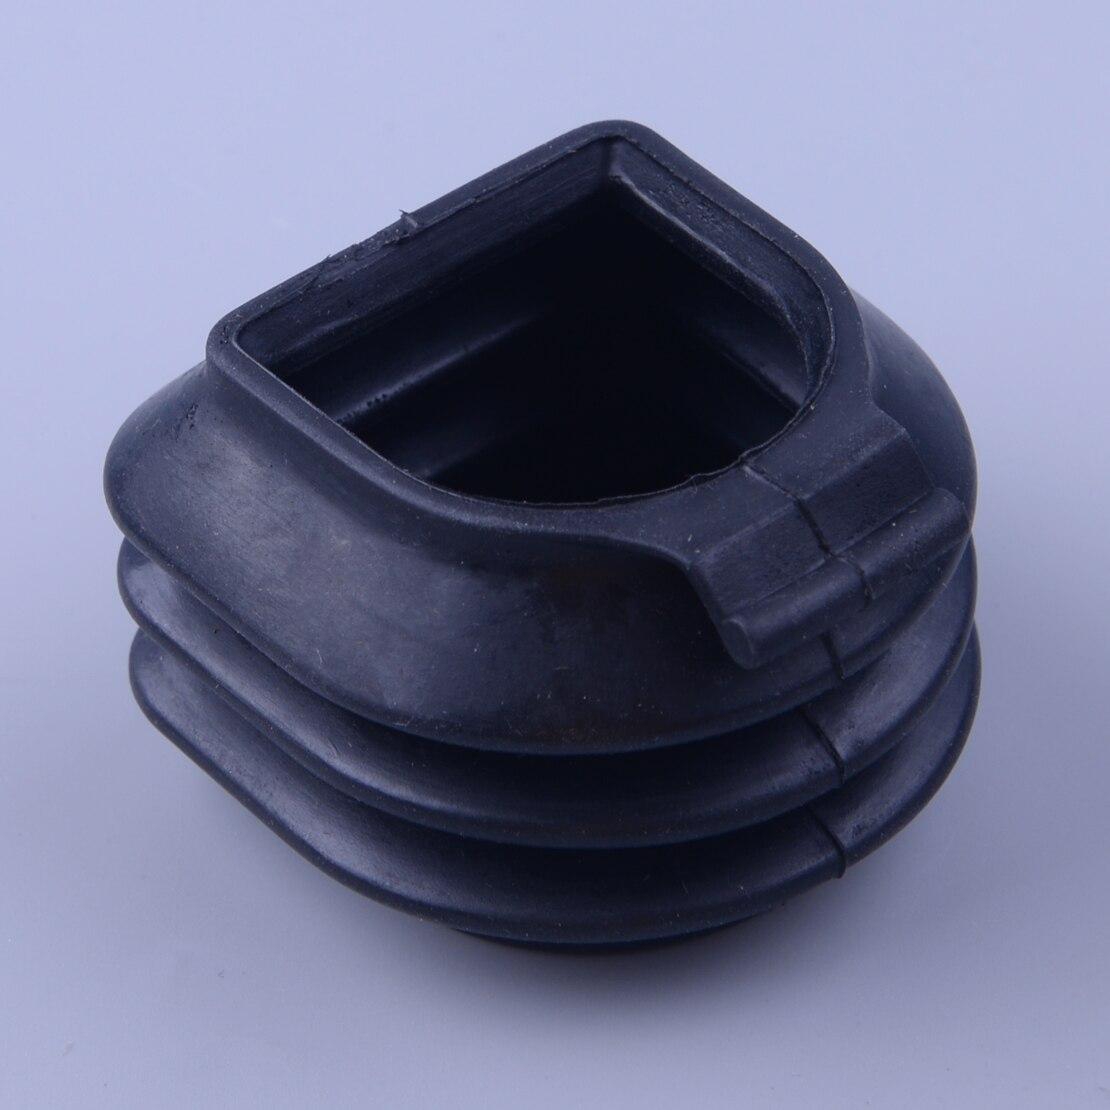 CITALL 020301261 автомобилей переключения передач стержень вала Selector защитный рукав загрузки пригодный для VW Кабриолет Jetta Golf Mk1 Mk2